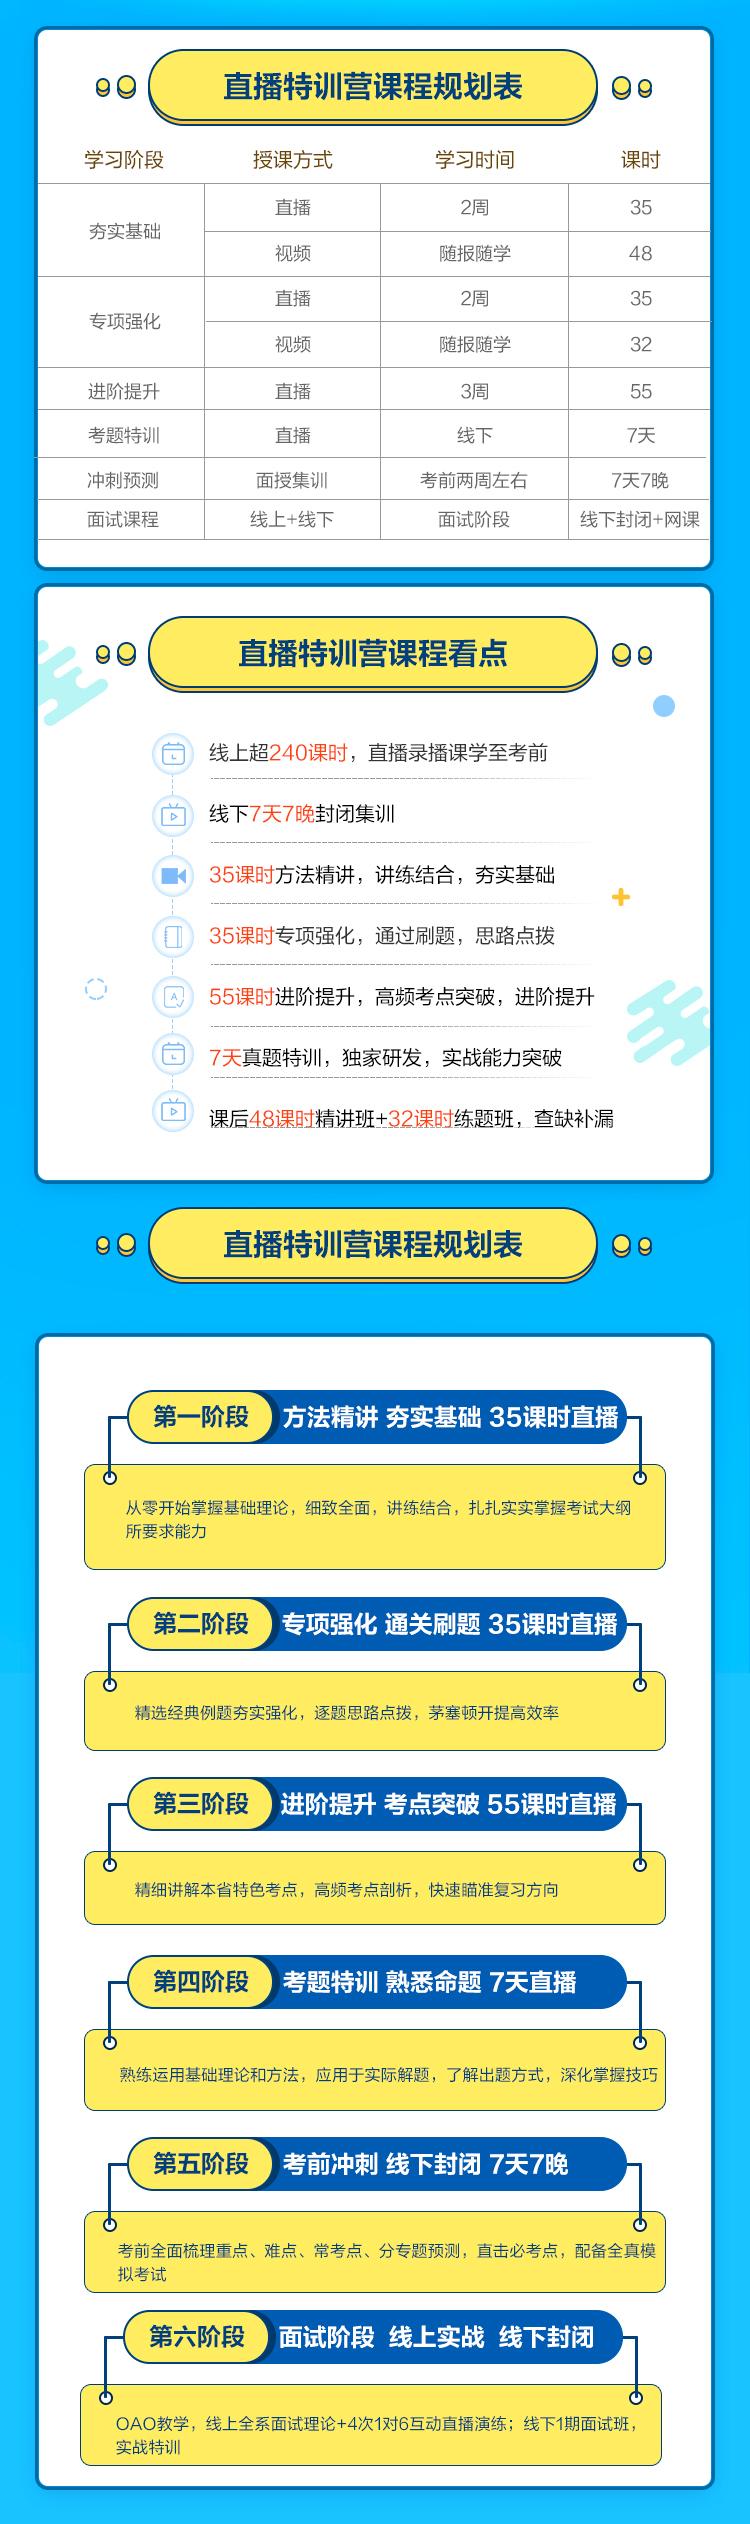 """""""OAO笔面全程直播特训、无忧协议14天7晚""""-1.jpg"""